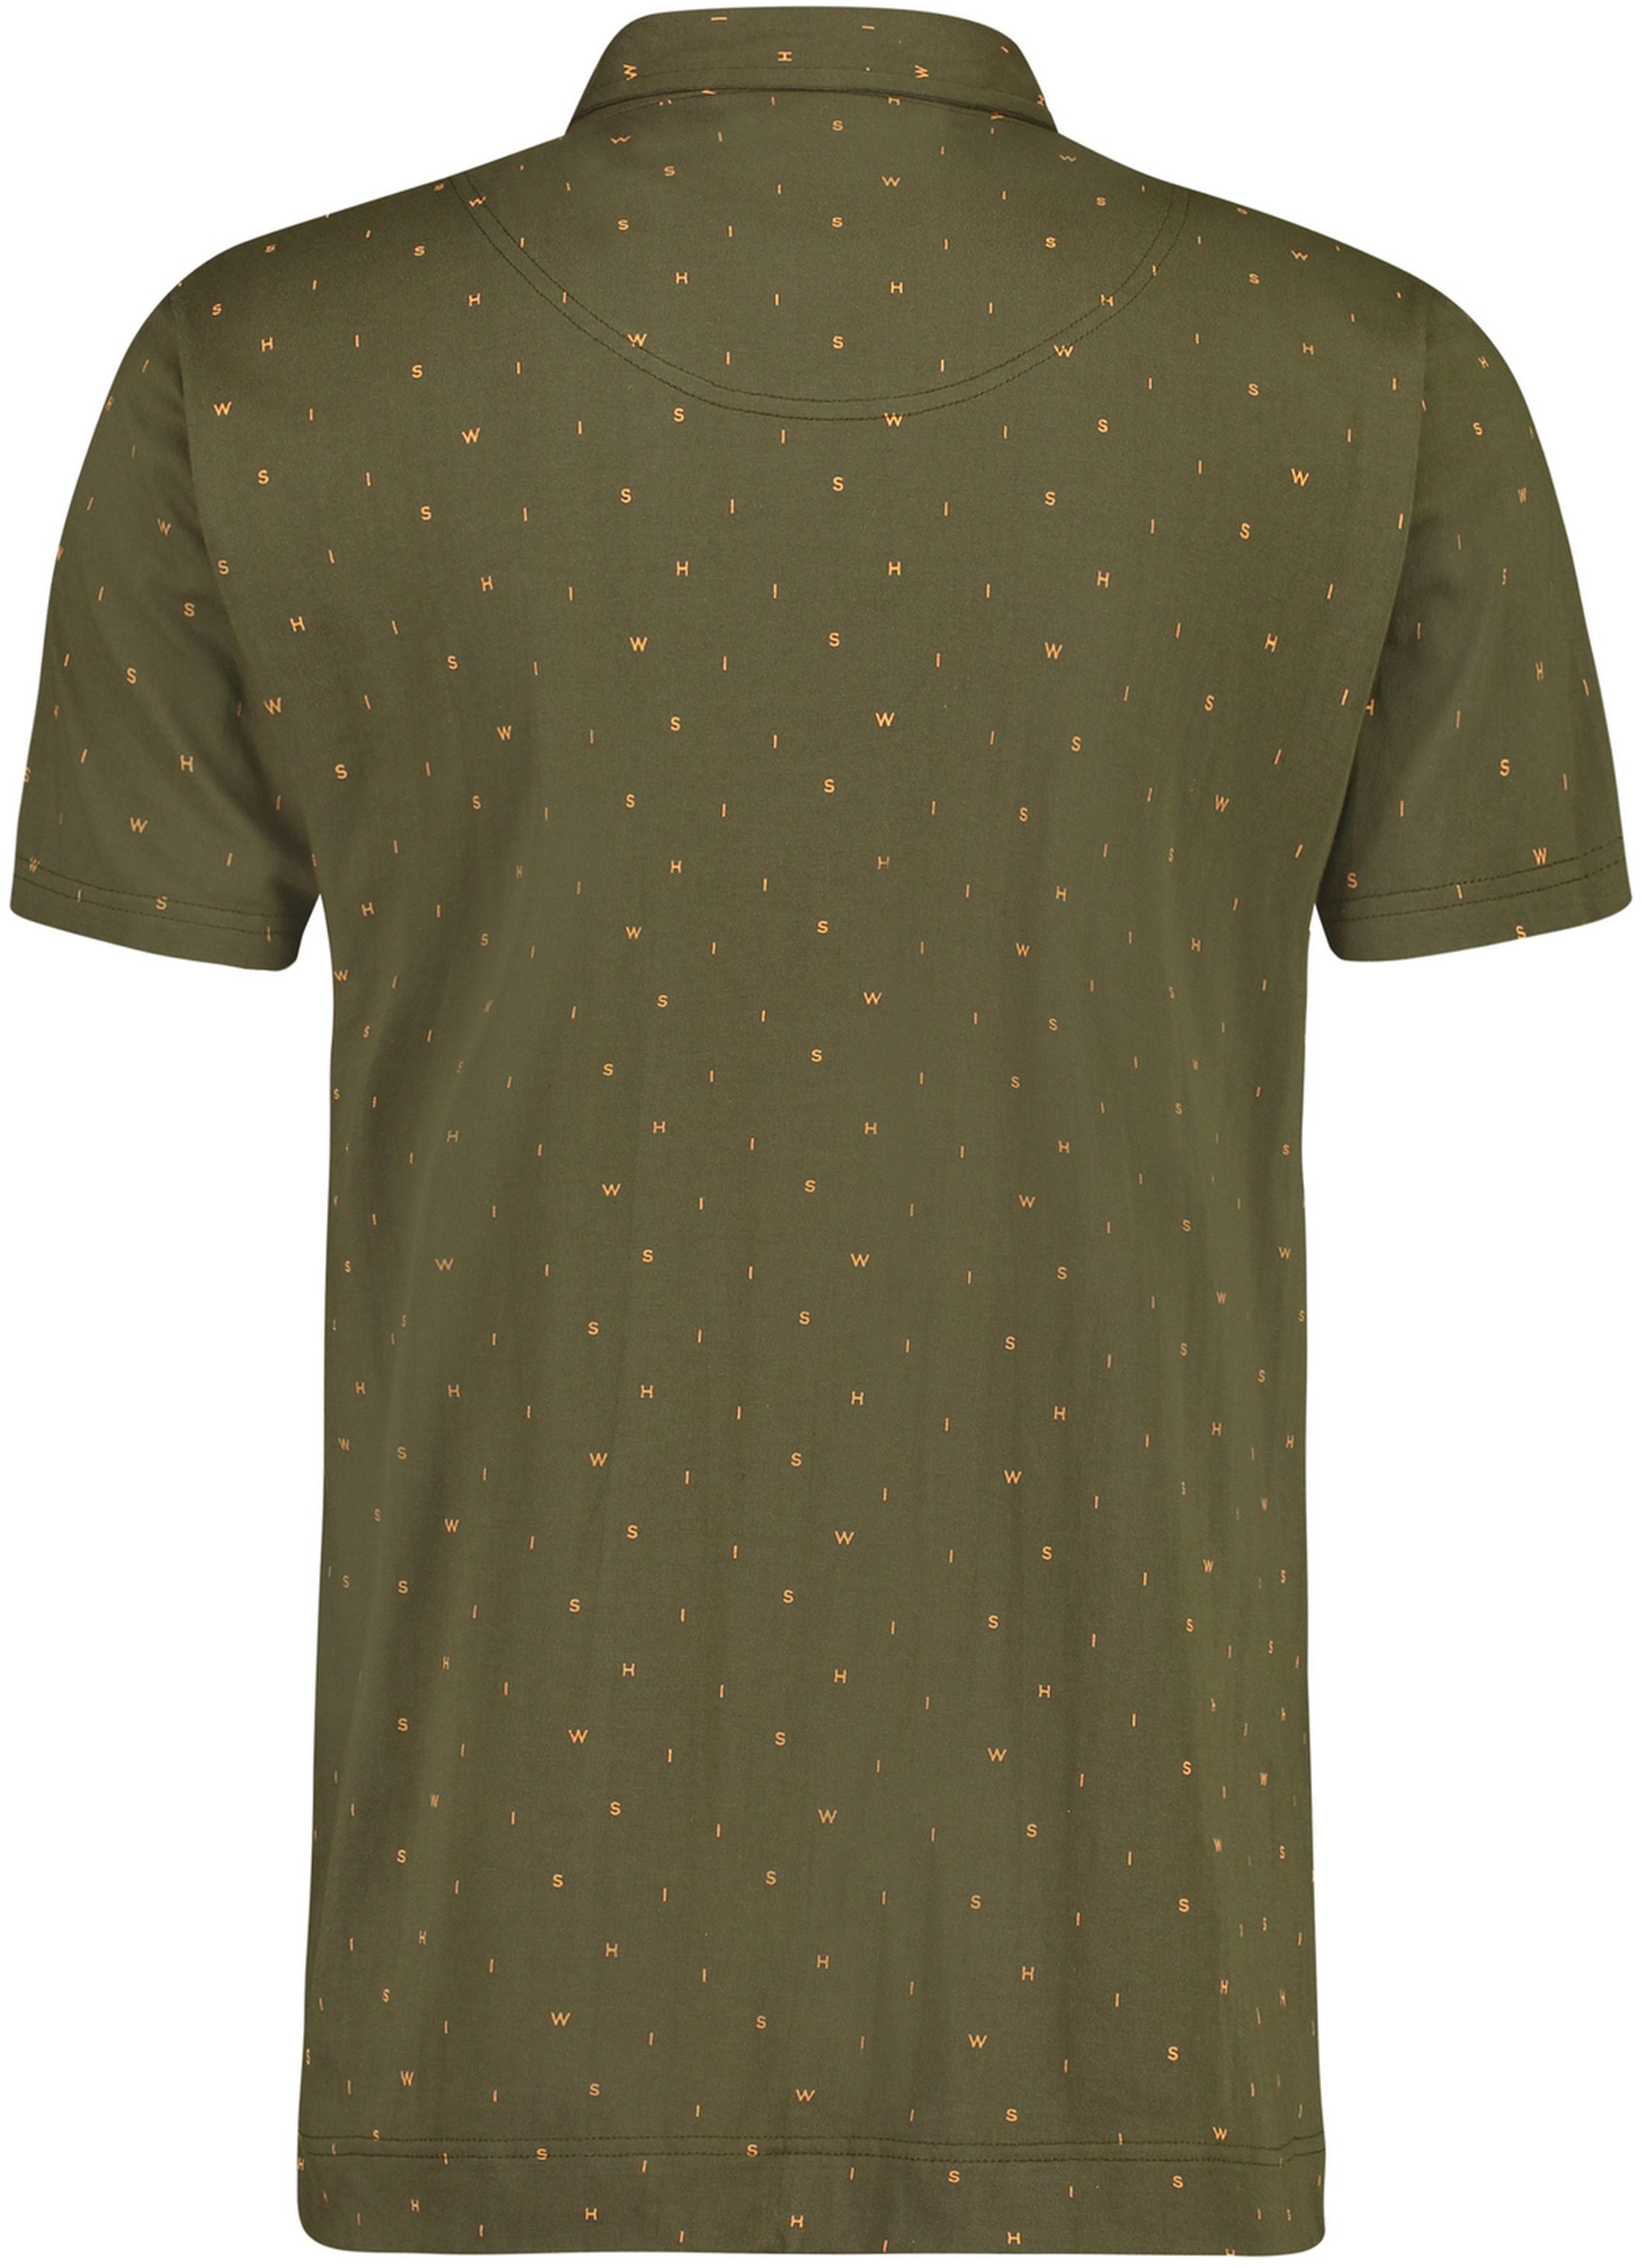 Shiwi Poloshirt Minishiwi Groen foto 1